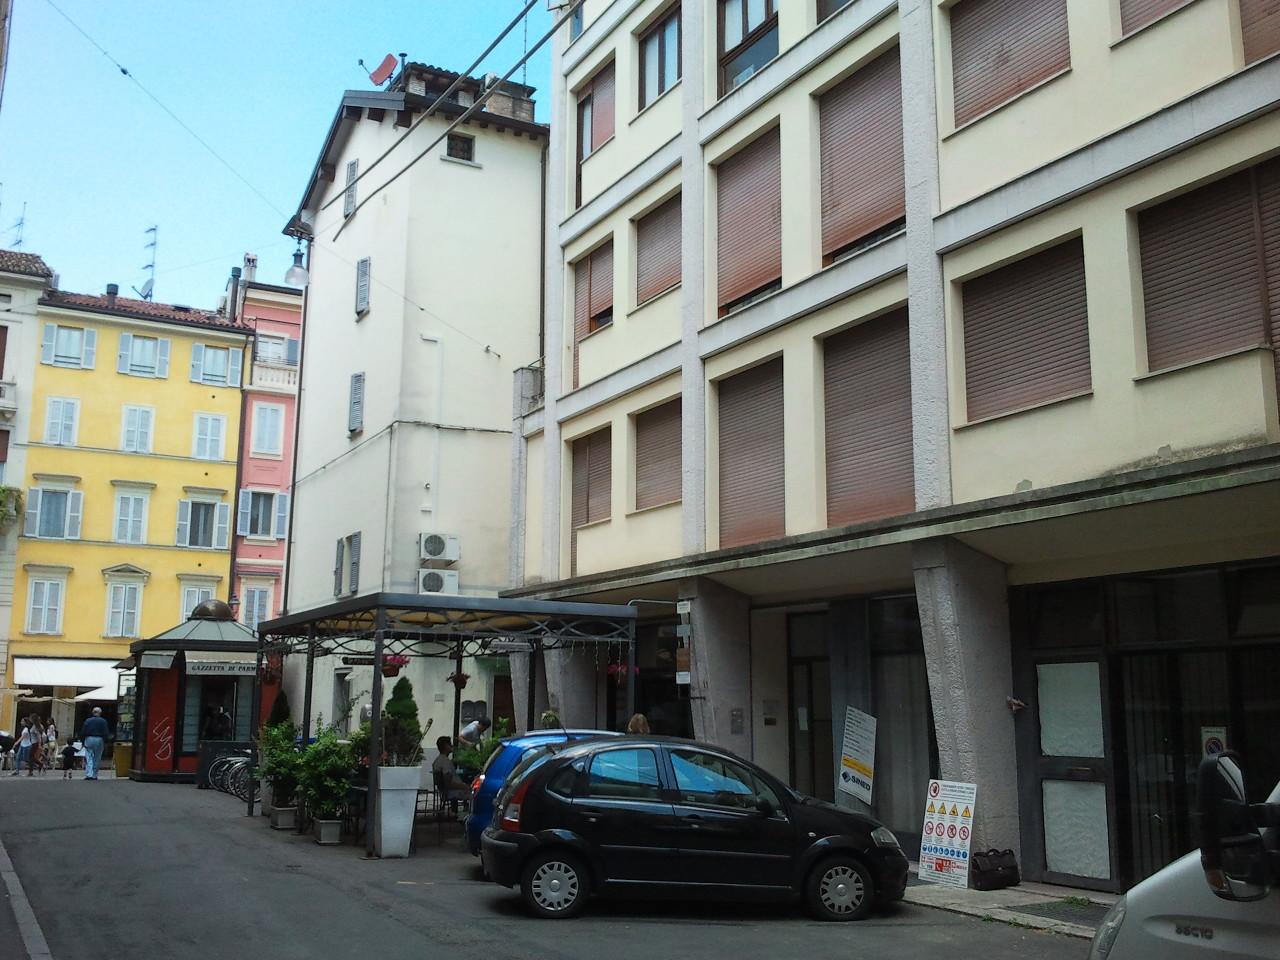 Negozio / Locale in vendita a Parma, 1 locali, prezzo € 55.000 | Cambio Casa.it